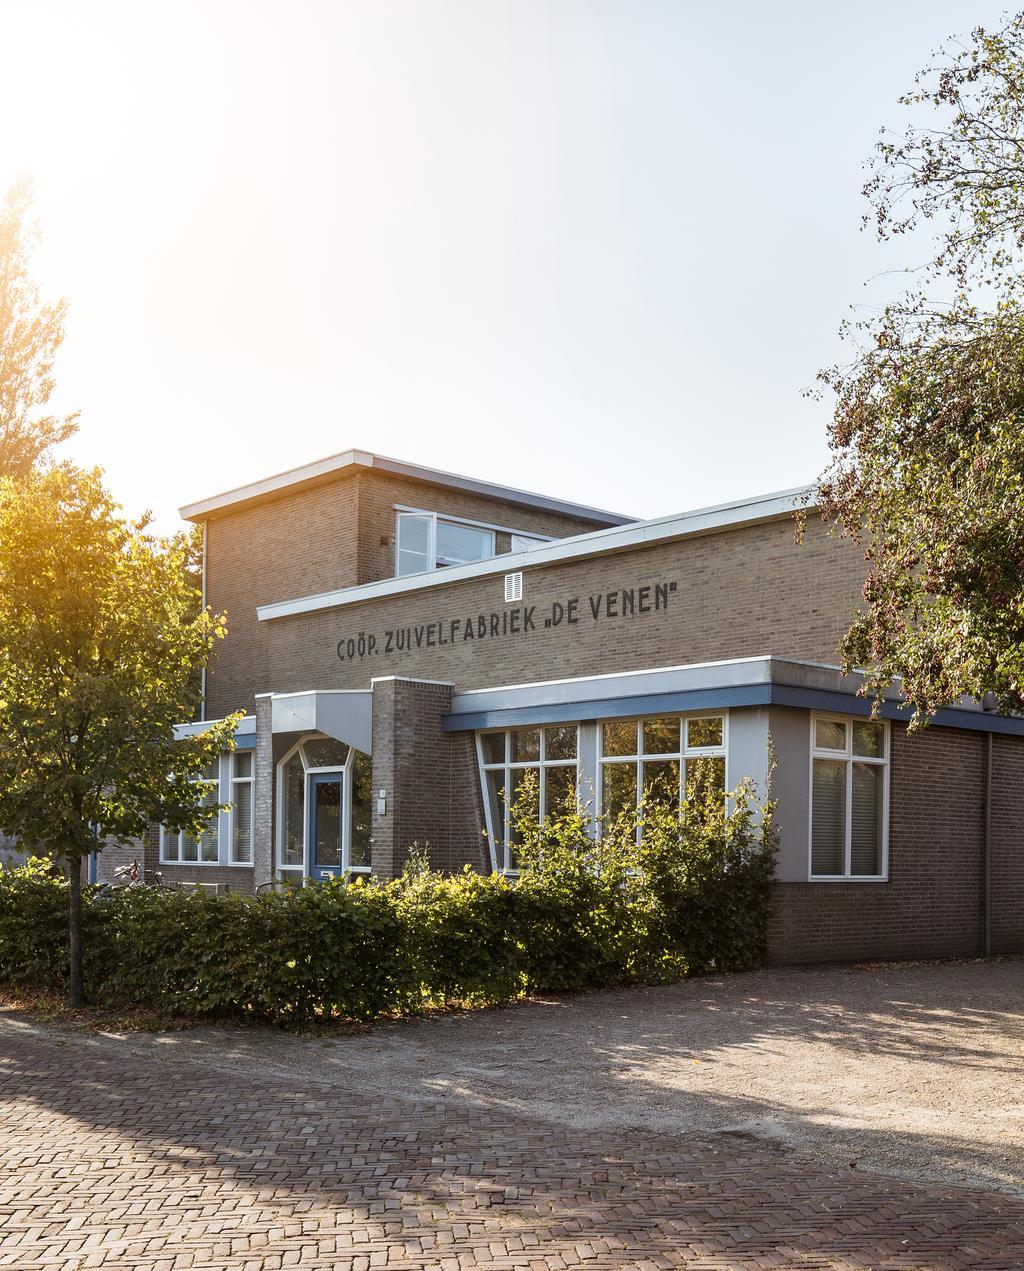 vtwonen 09-2019 | Zuivelfabriek in Nijeveen op een zonnige dagzuivelfabriek